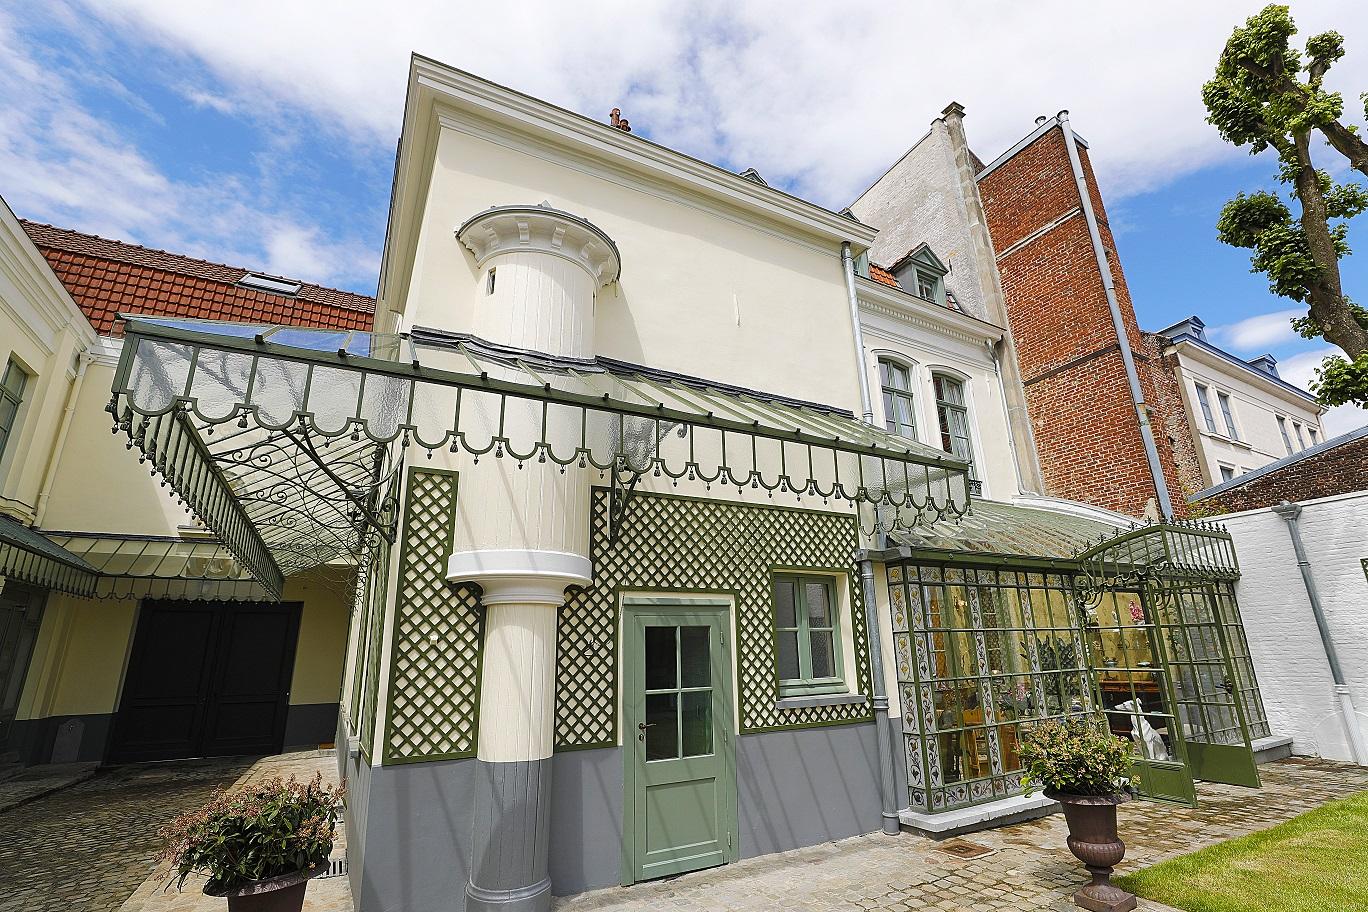 maison-natale-ch-de-gaulle-lampla-4